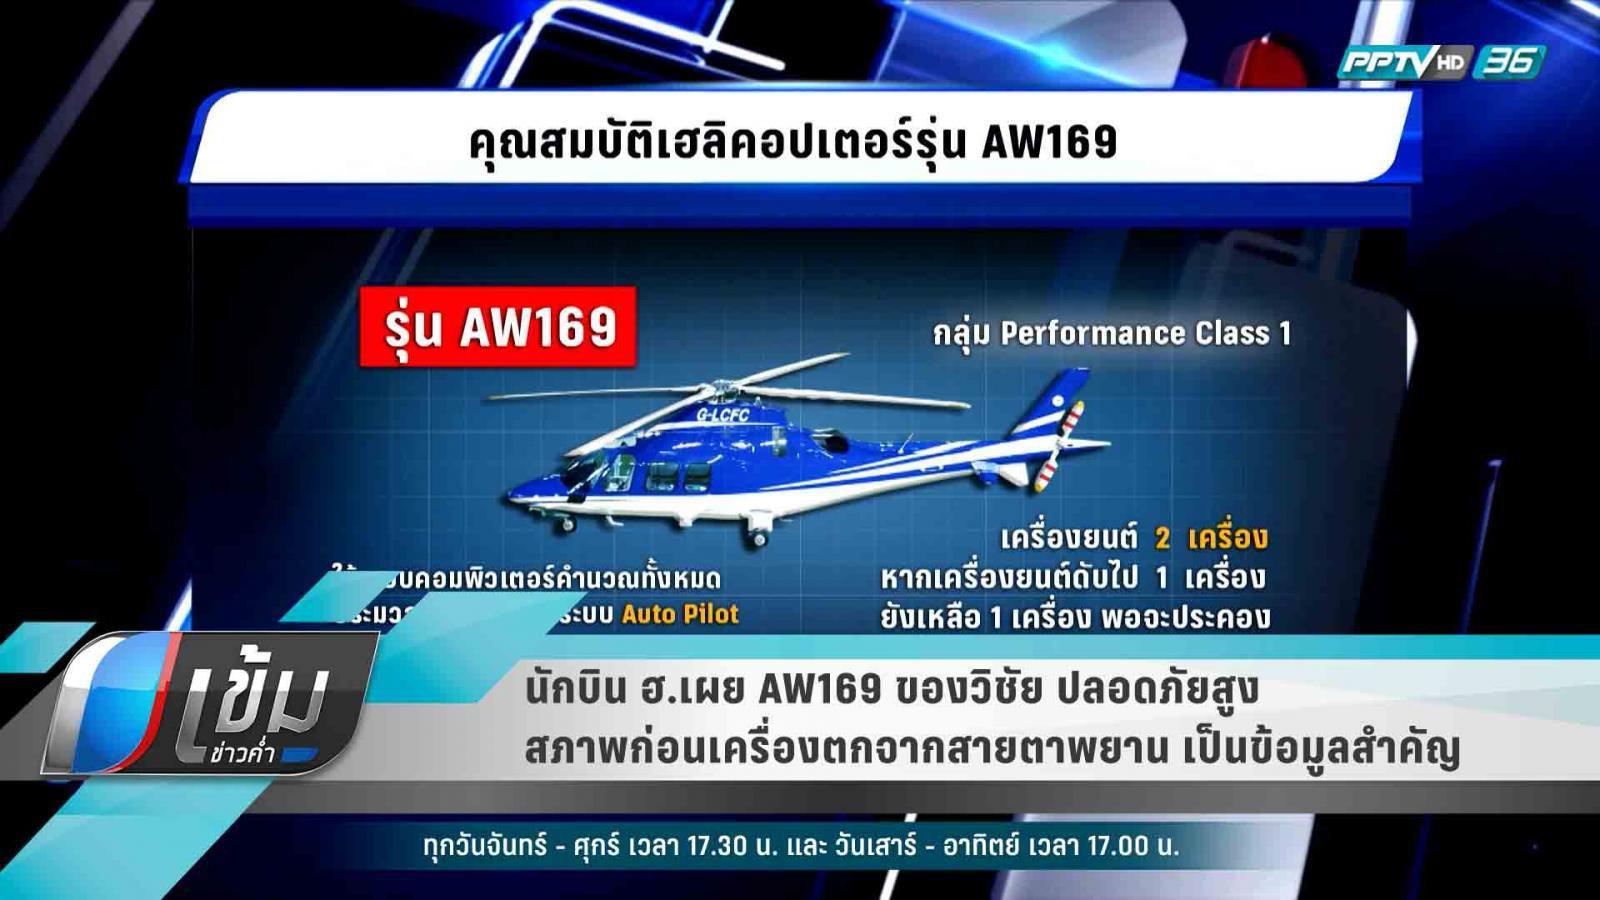 นักบิน ฮ.เผย AW169 ของวิชัย ปลอดภัยสูง สภาพก่อนเครื่องตกจากสายตาพยาน เป็นข้อมูลสำคัญ